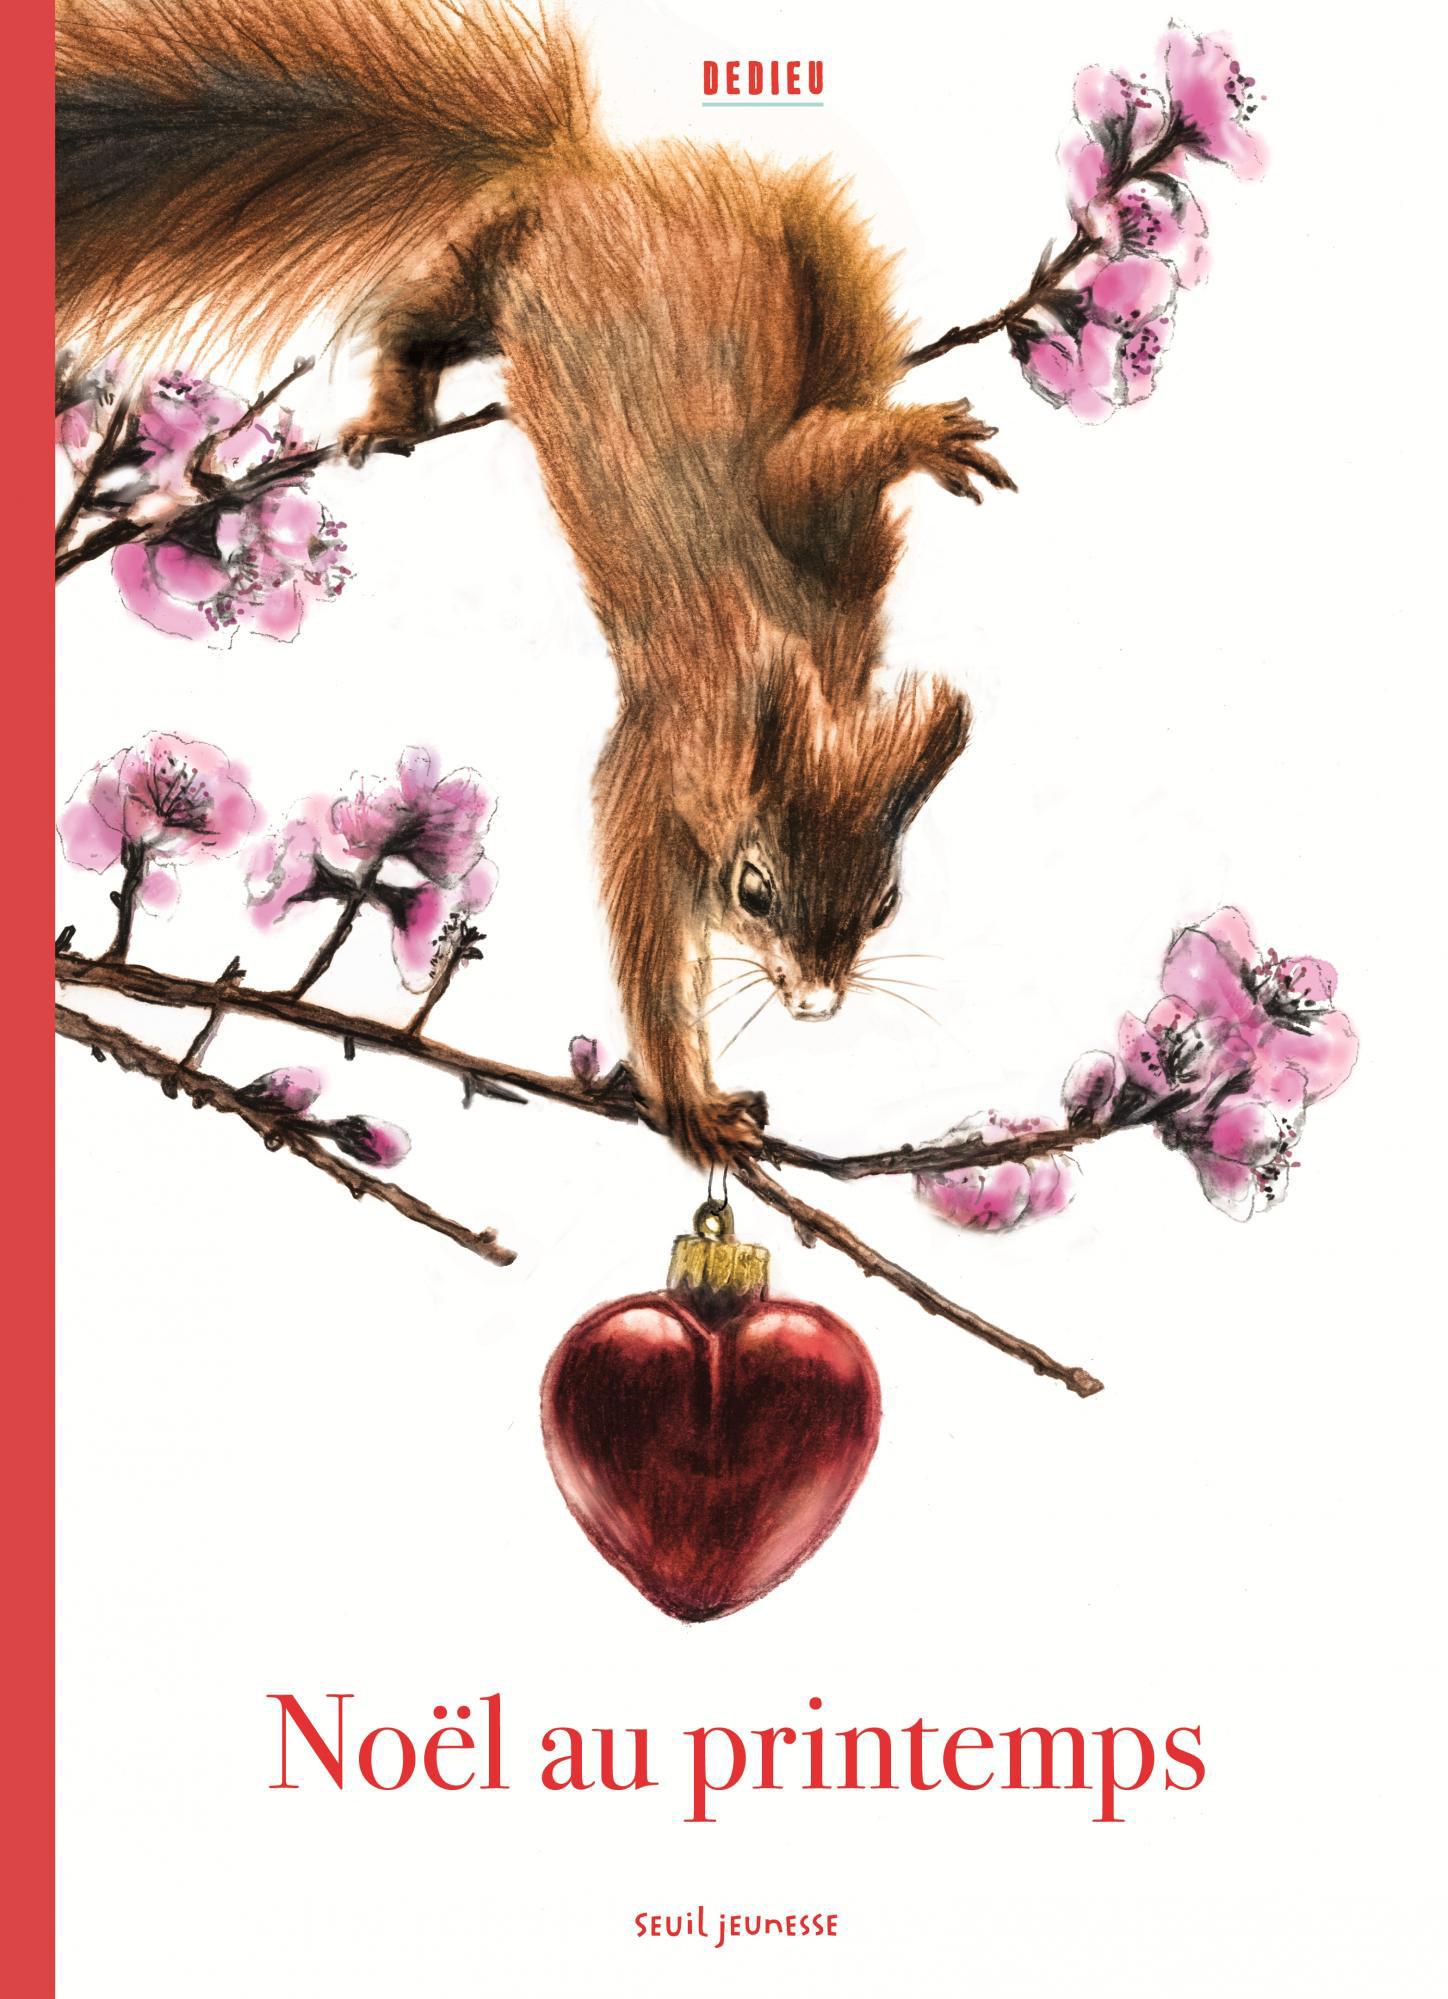 Lectures de Yuyine, Noël au printemps de Dedieu chez Seuil Jeunesse